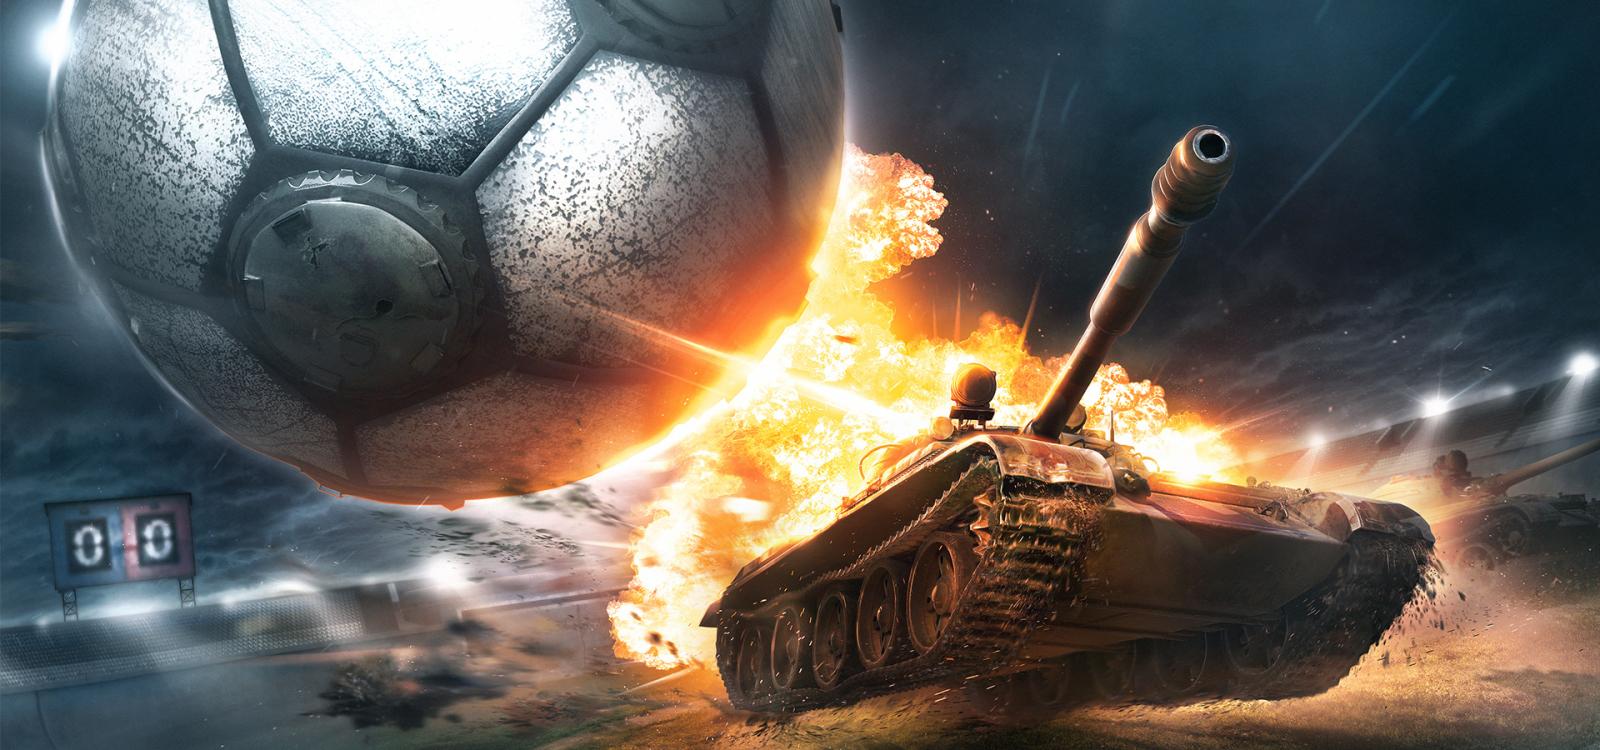 Военный вид спорта: в игре начался ивент Mystery Ball